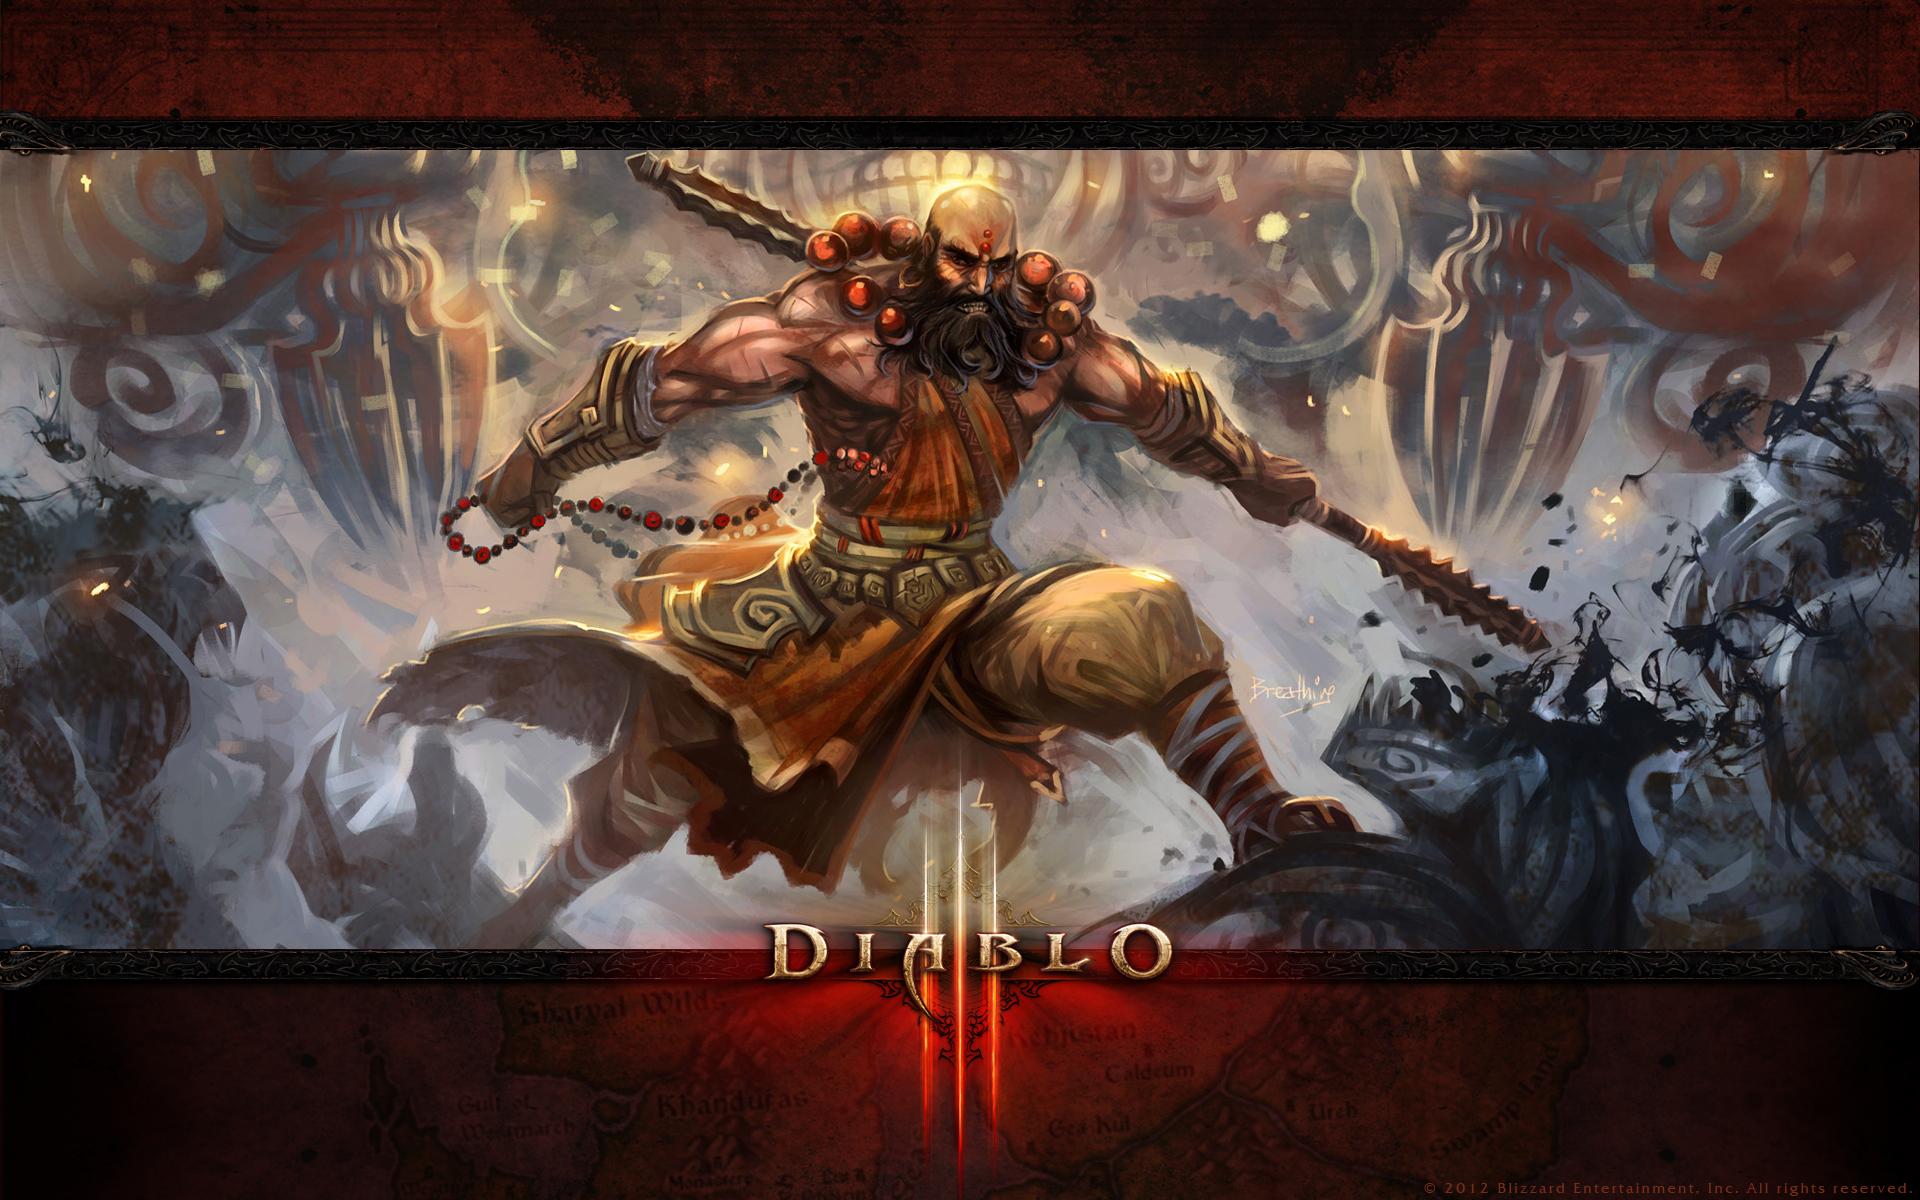 Diablo III Character Videos